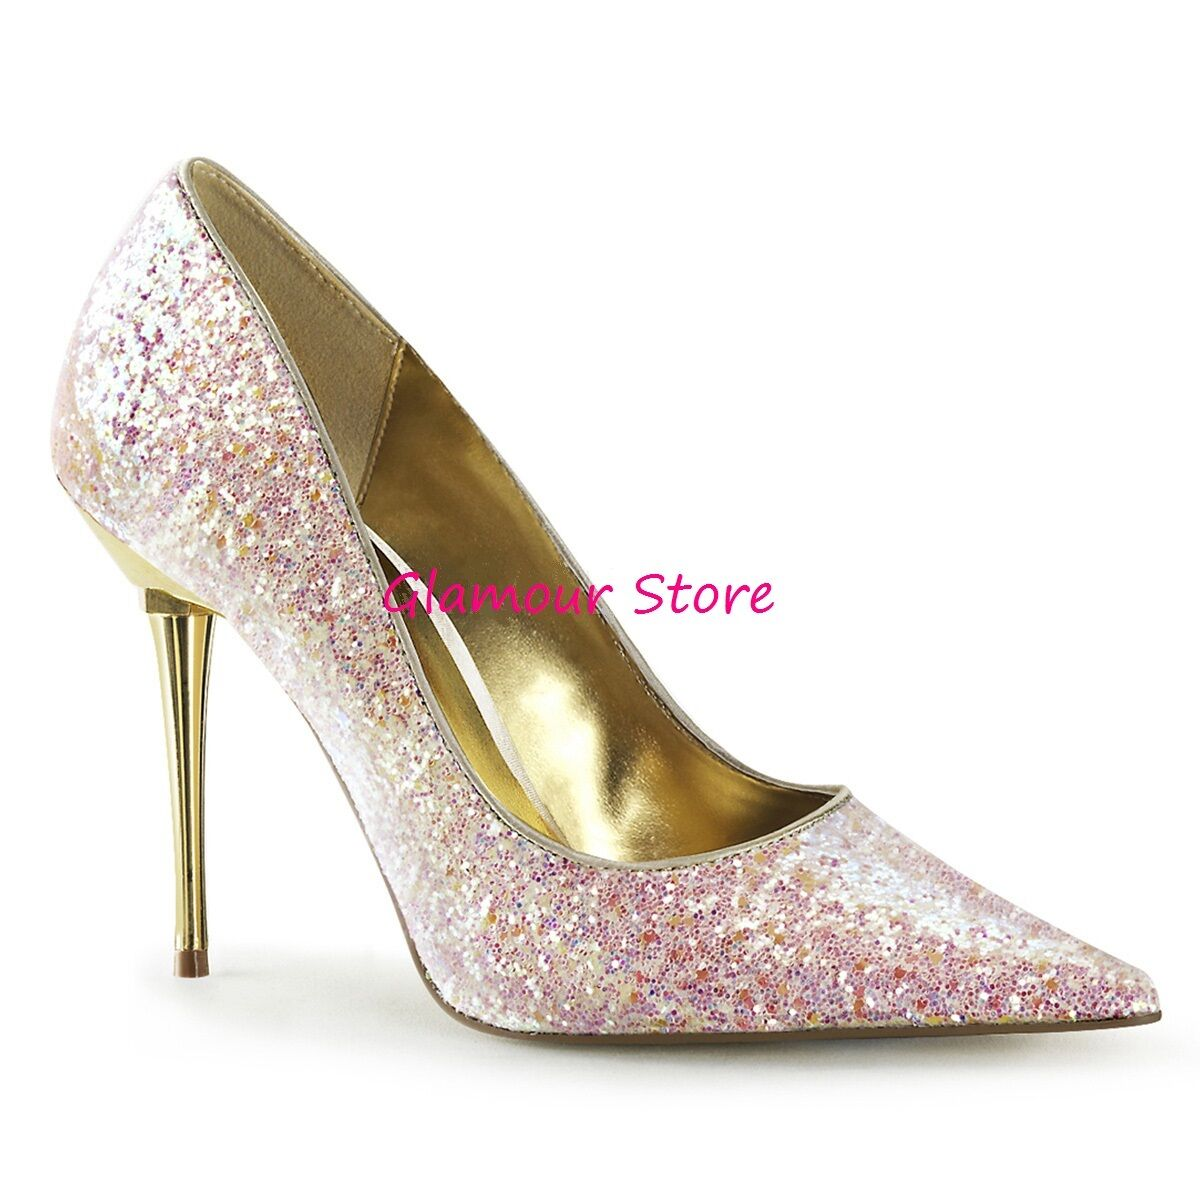 Descuento barato Sexy DECOLTE' ROSA GLITTER a PUNTA tacco 10 metal dal 35 a 46 scarpe GLAMOUR